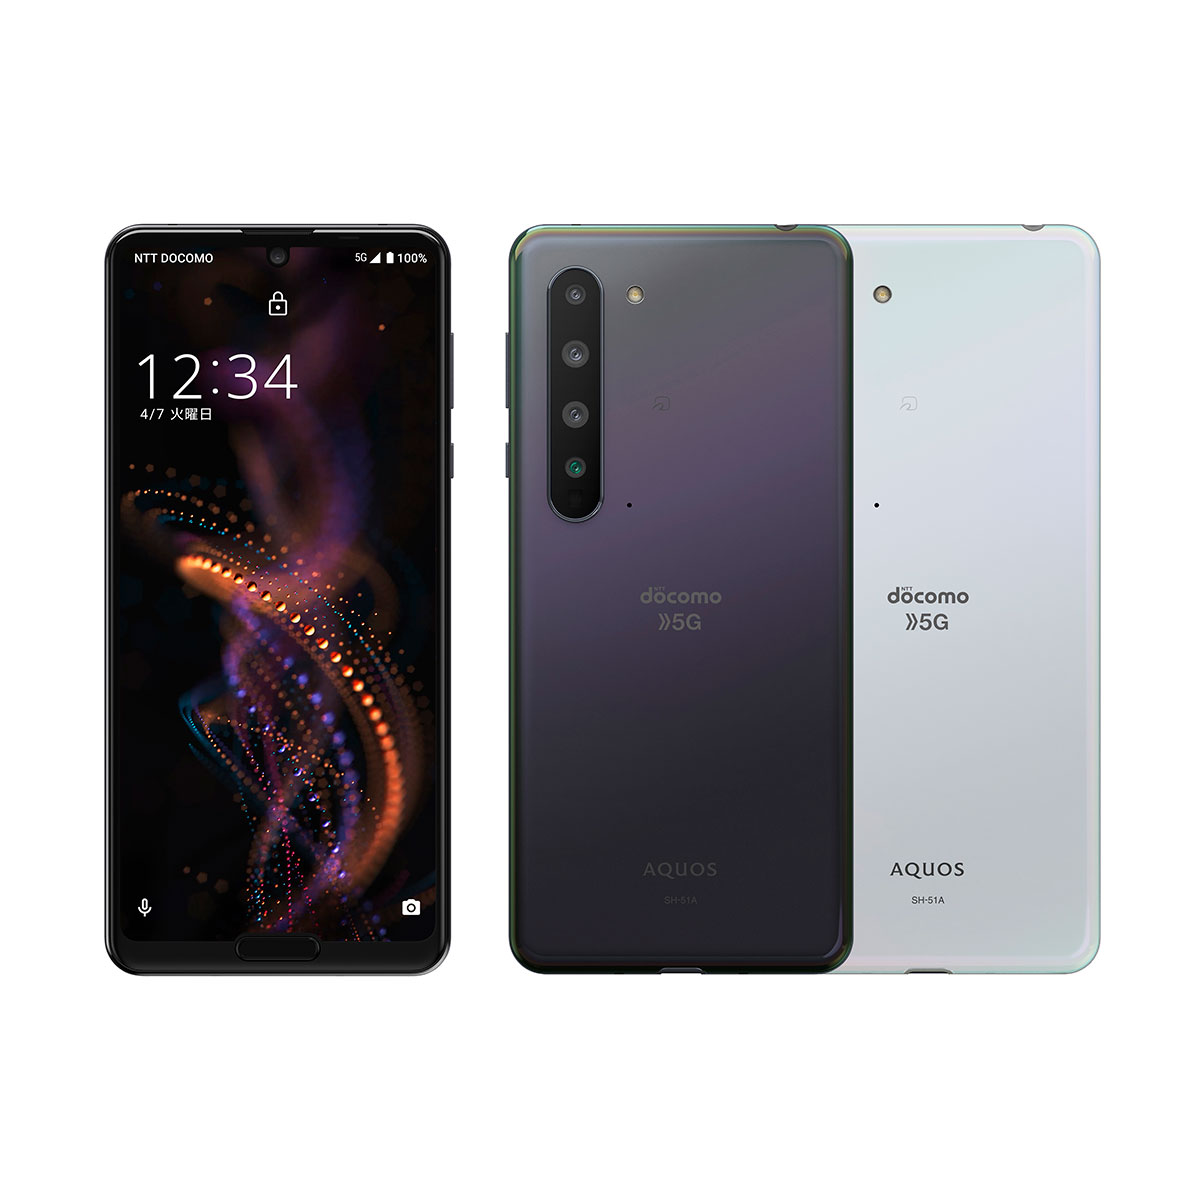 【今週発売の注目製品】5G対応スマートフォン「AQUOS R5G」「Galaxy S20 5G」が登場